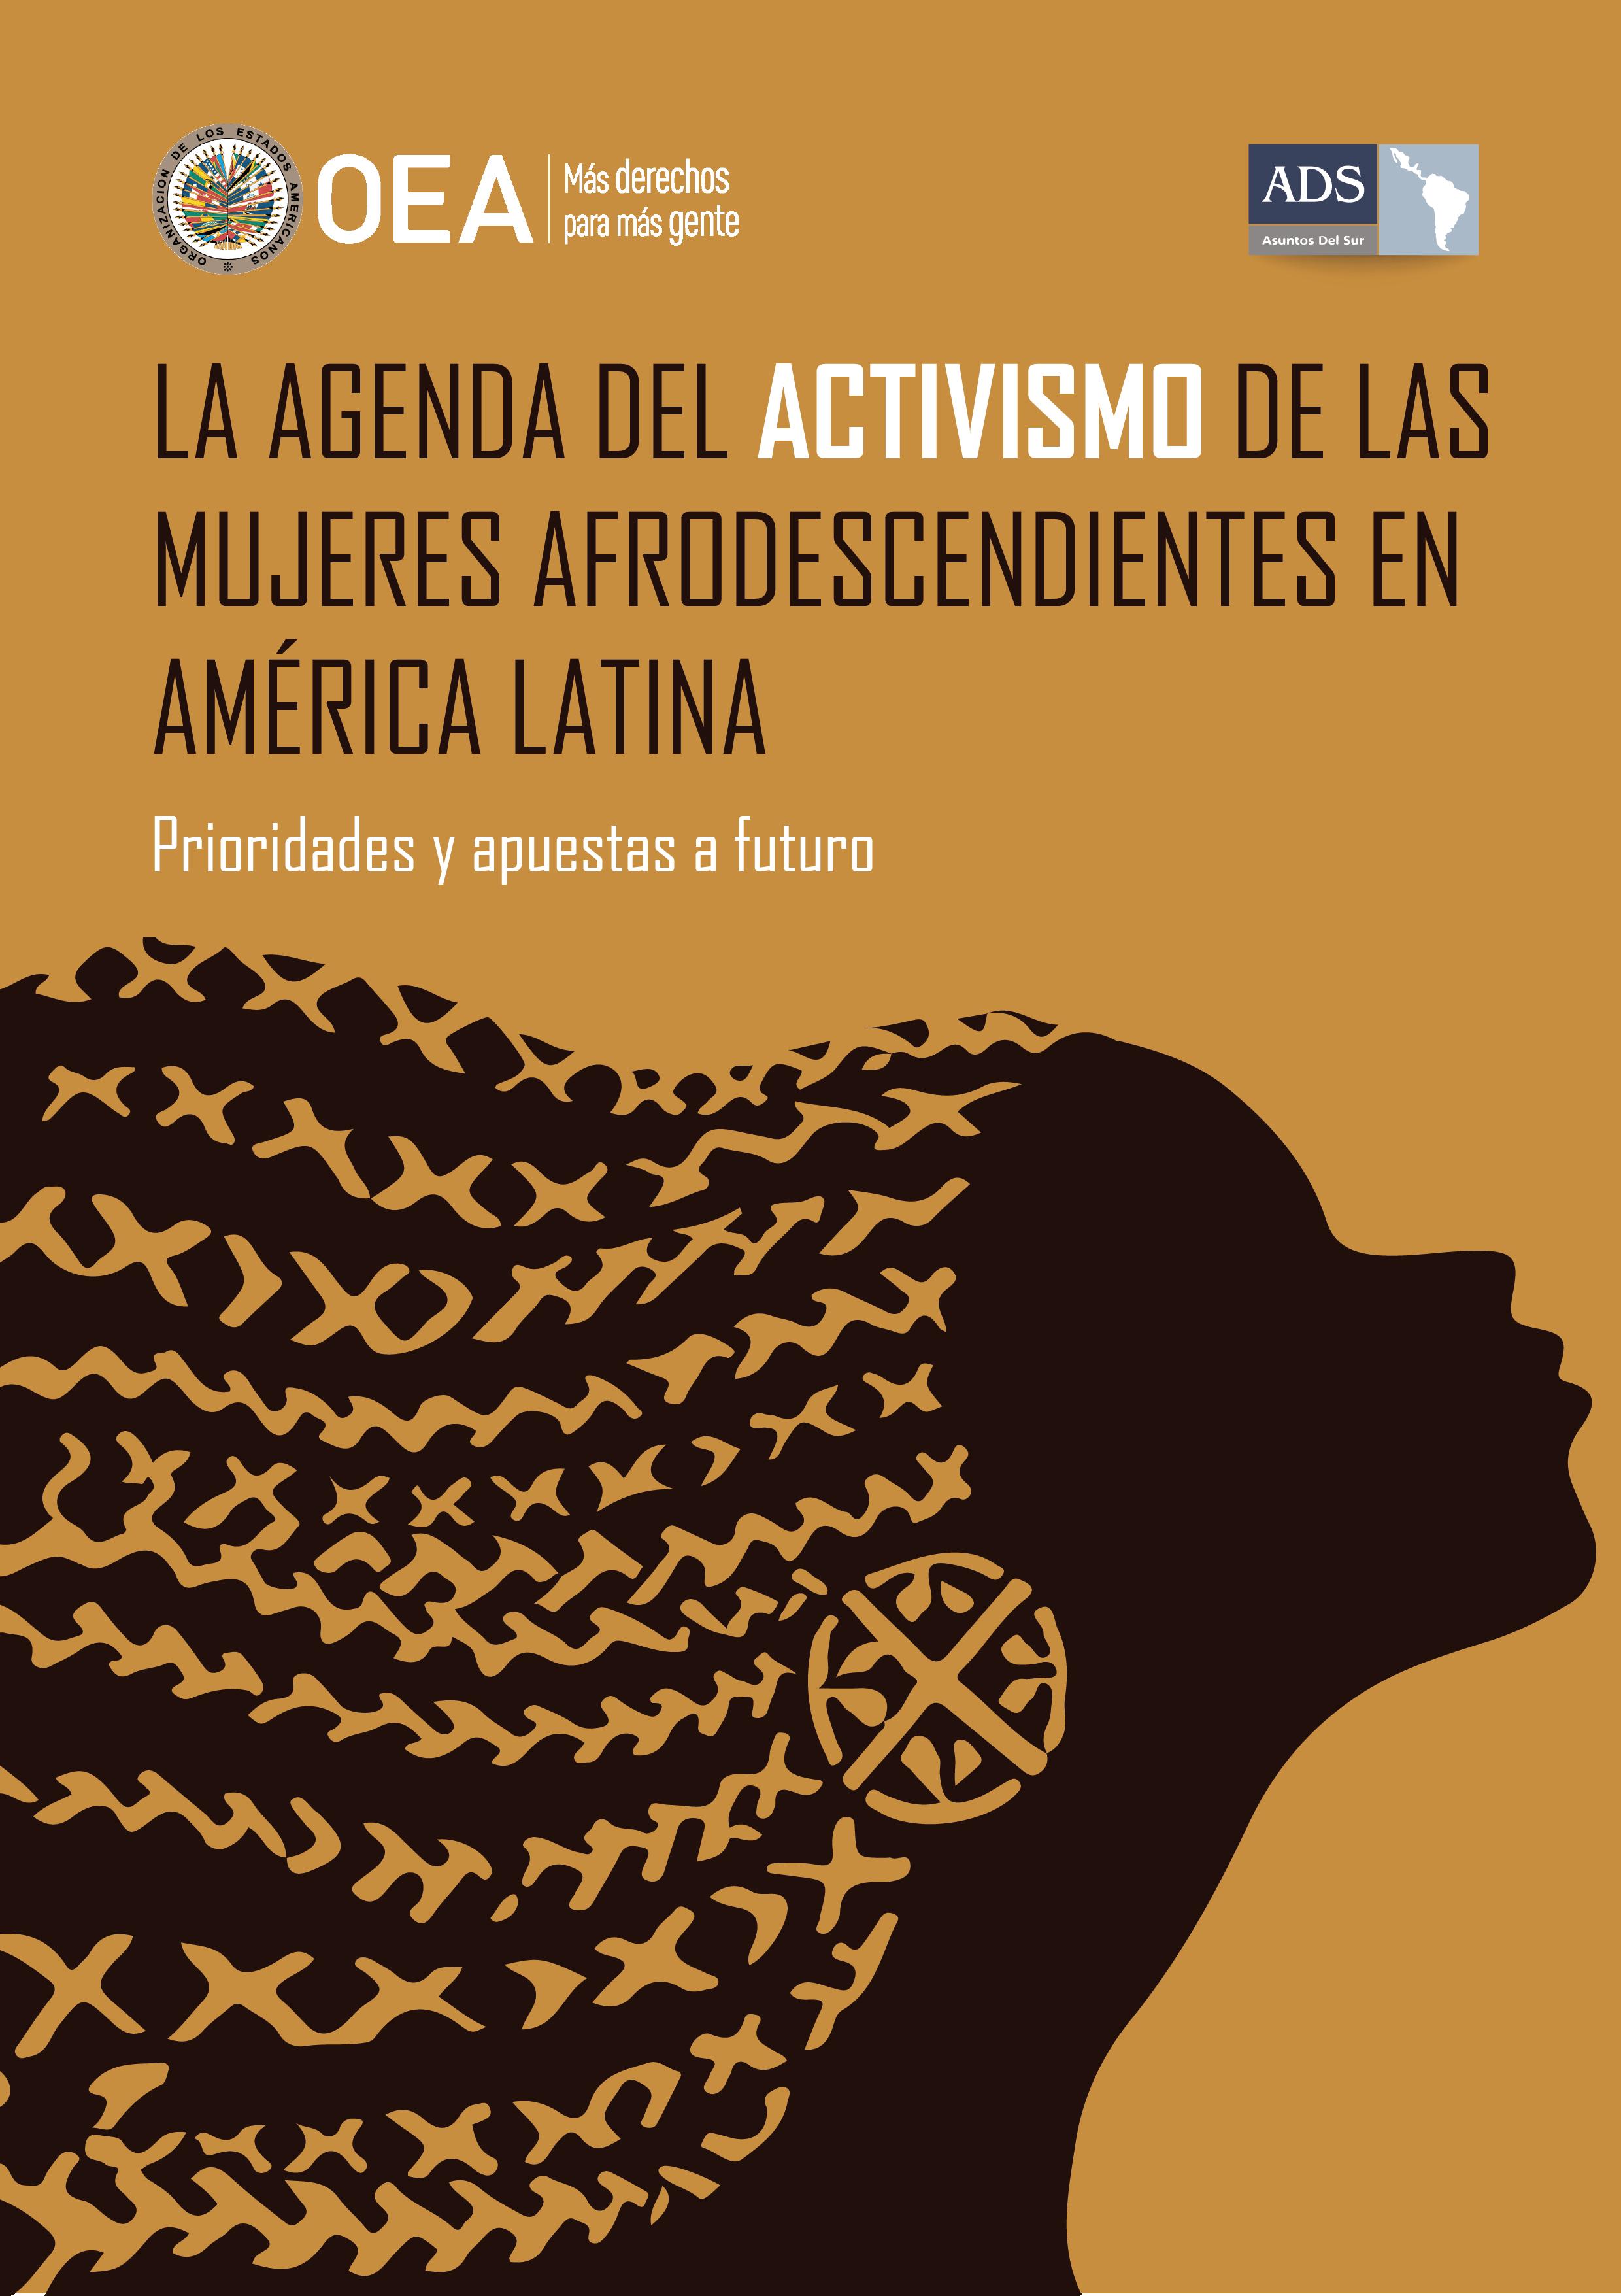 La Agenda del Activismo de las Mujeres Afrodescendientes en América Latina